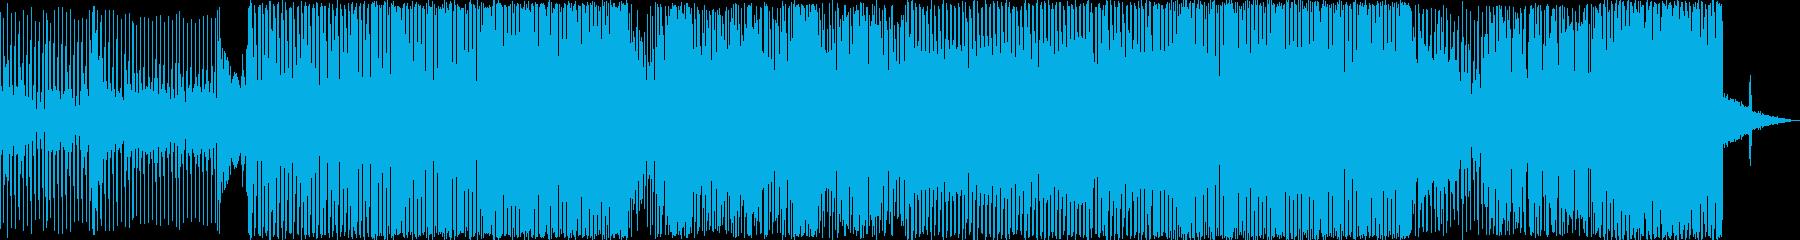 テレビゲーム 楽しげ シンセサイザ...の再生済みの波形